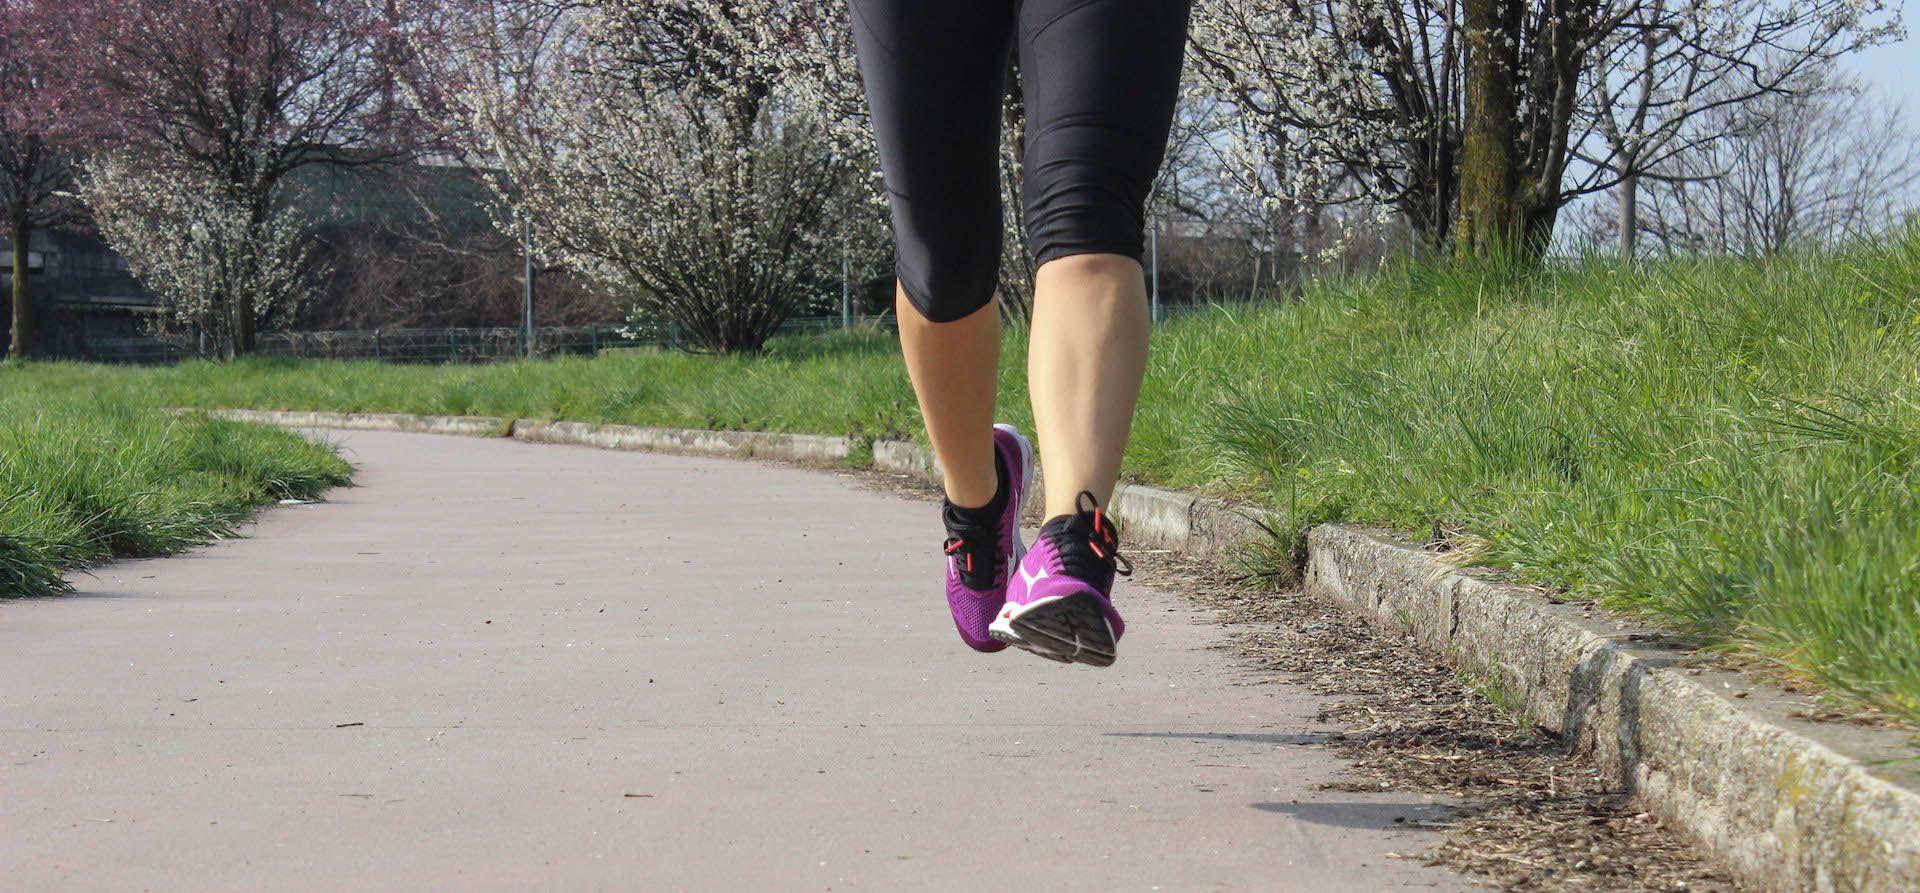 La primavera ai piedi con le Mizuno Waveknit R1 Running Factor